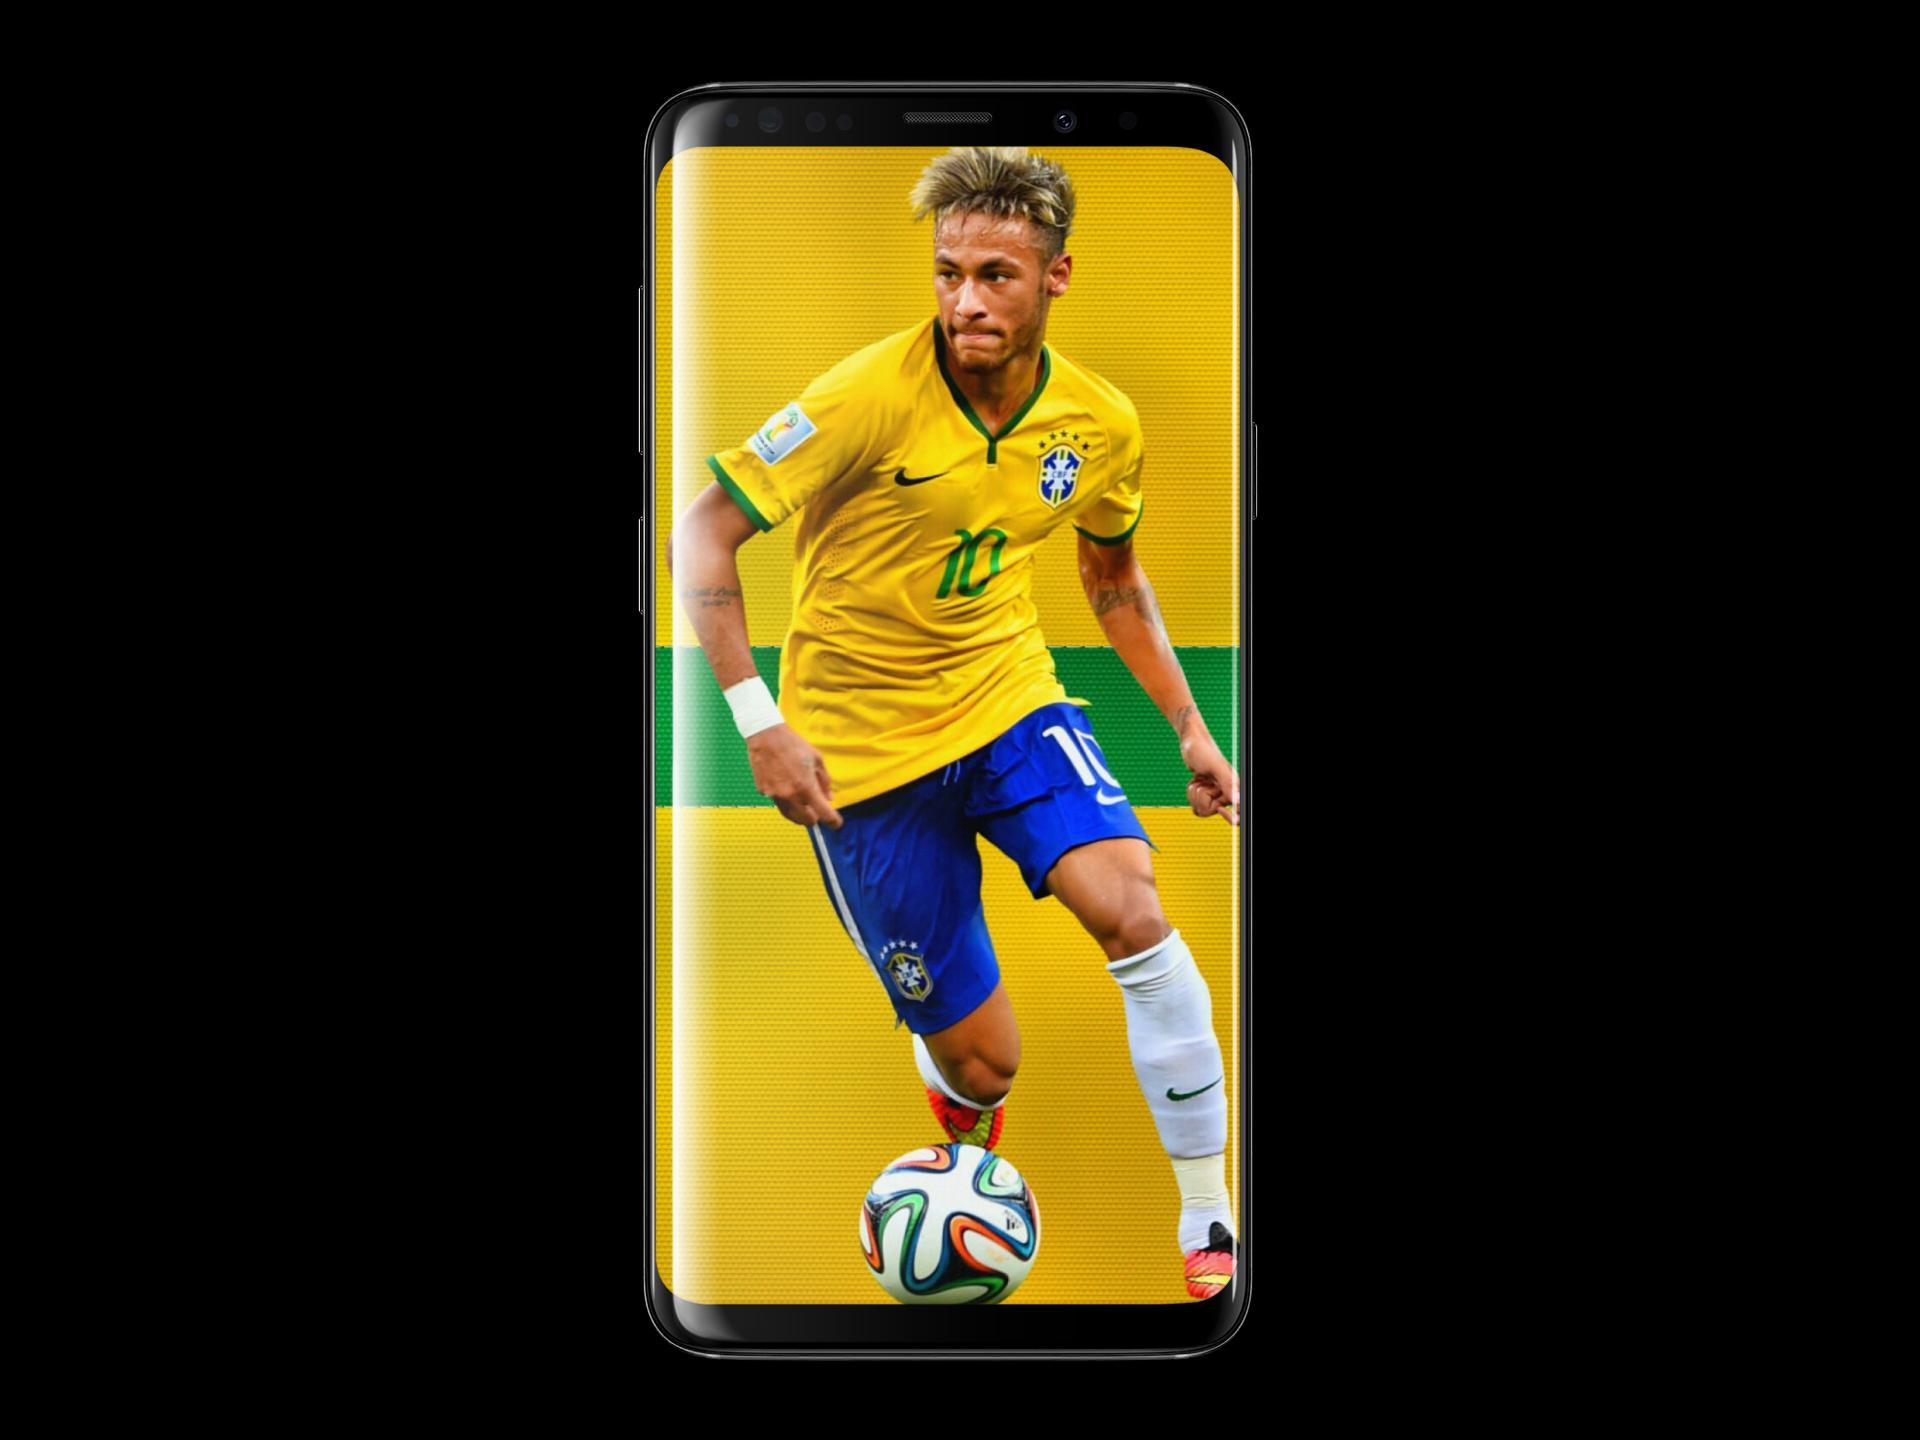 Unduh 54 Wallpaper Football Bergerak Foto HD Terbaru